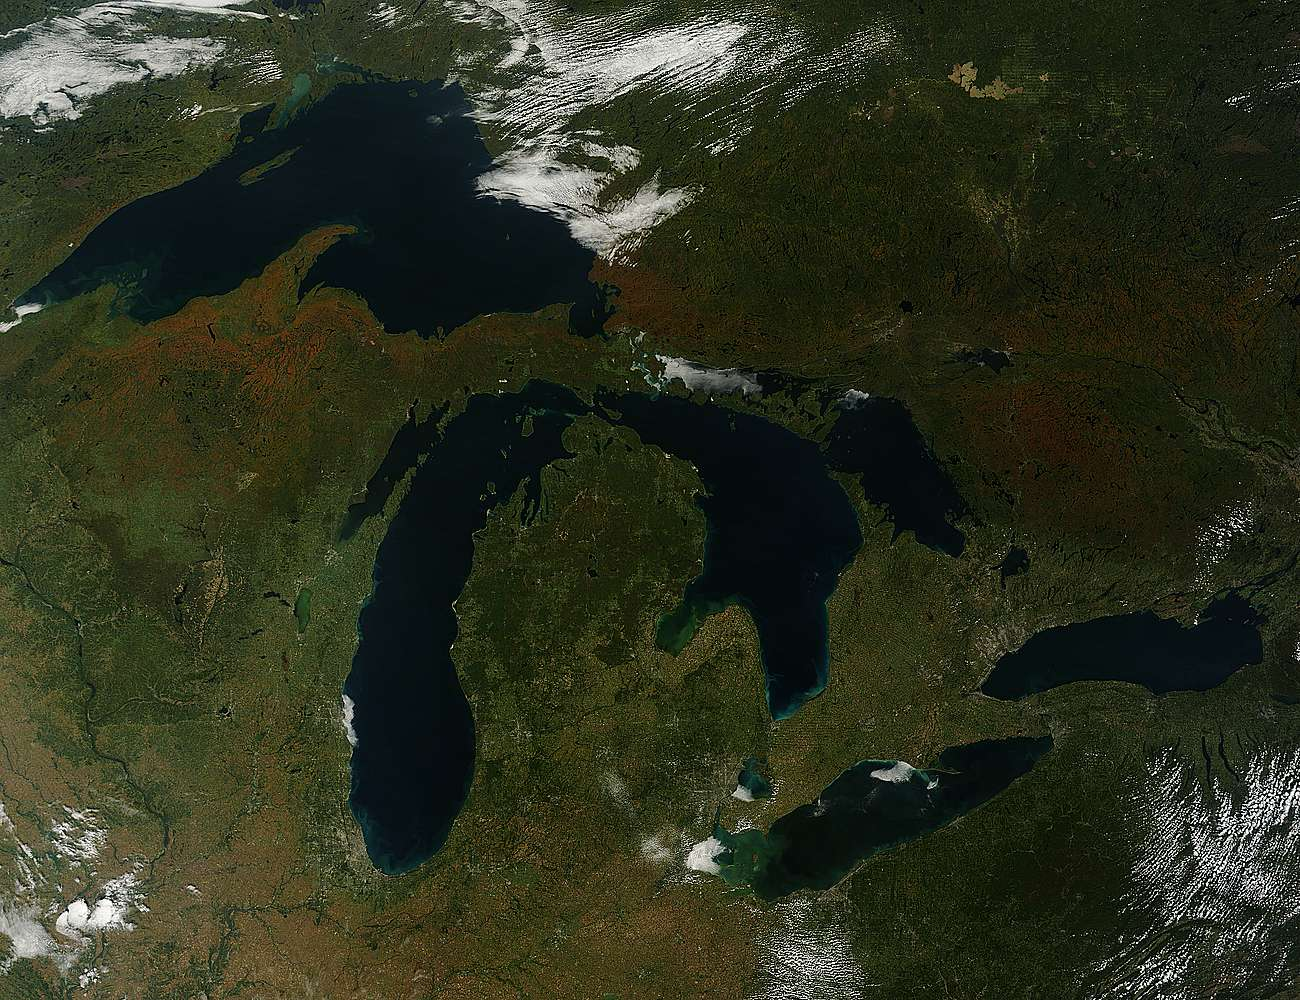 El 30 de septiembre la NASA publicó una imagen satelital de los Grandes Lagos, que muestra cómo el paisaje se pinta de otoño en el hemisferio norte del planeta. Foto: Jeff Schmaltz at NASA GSFC. Caption by Mike Carlowicz